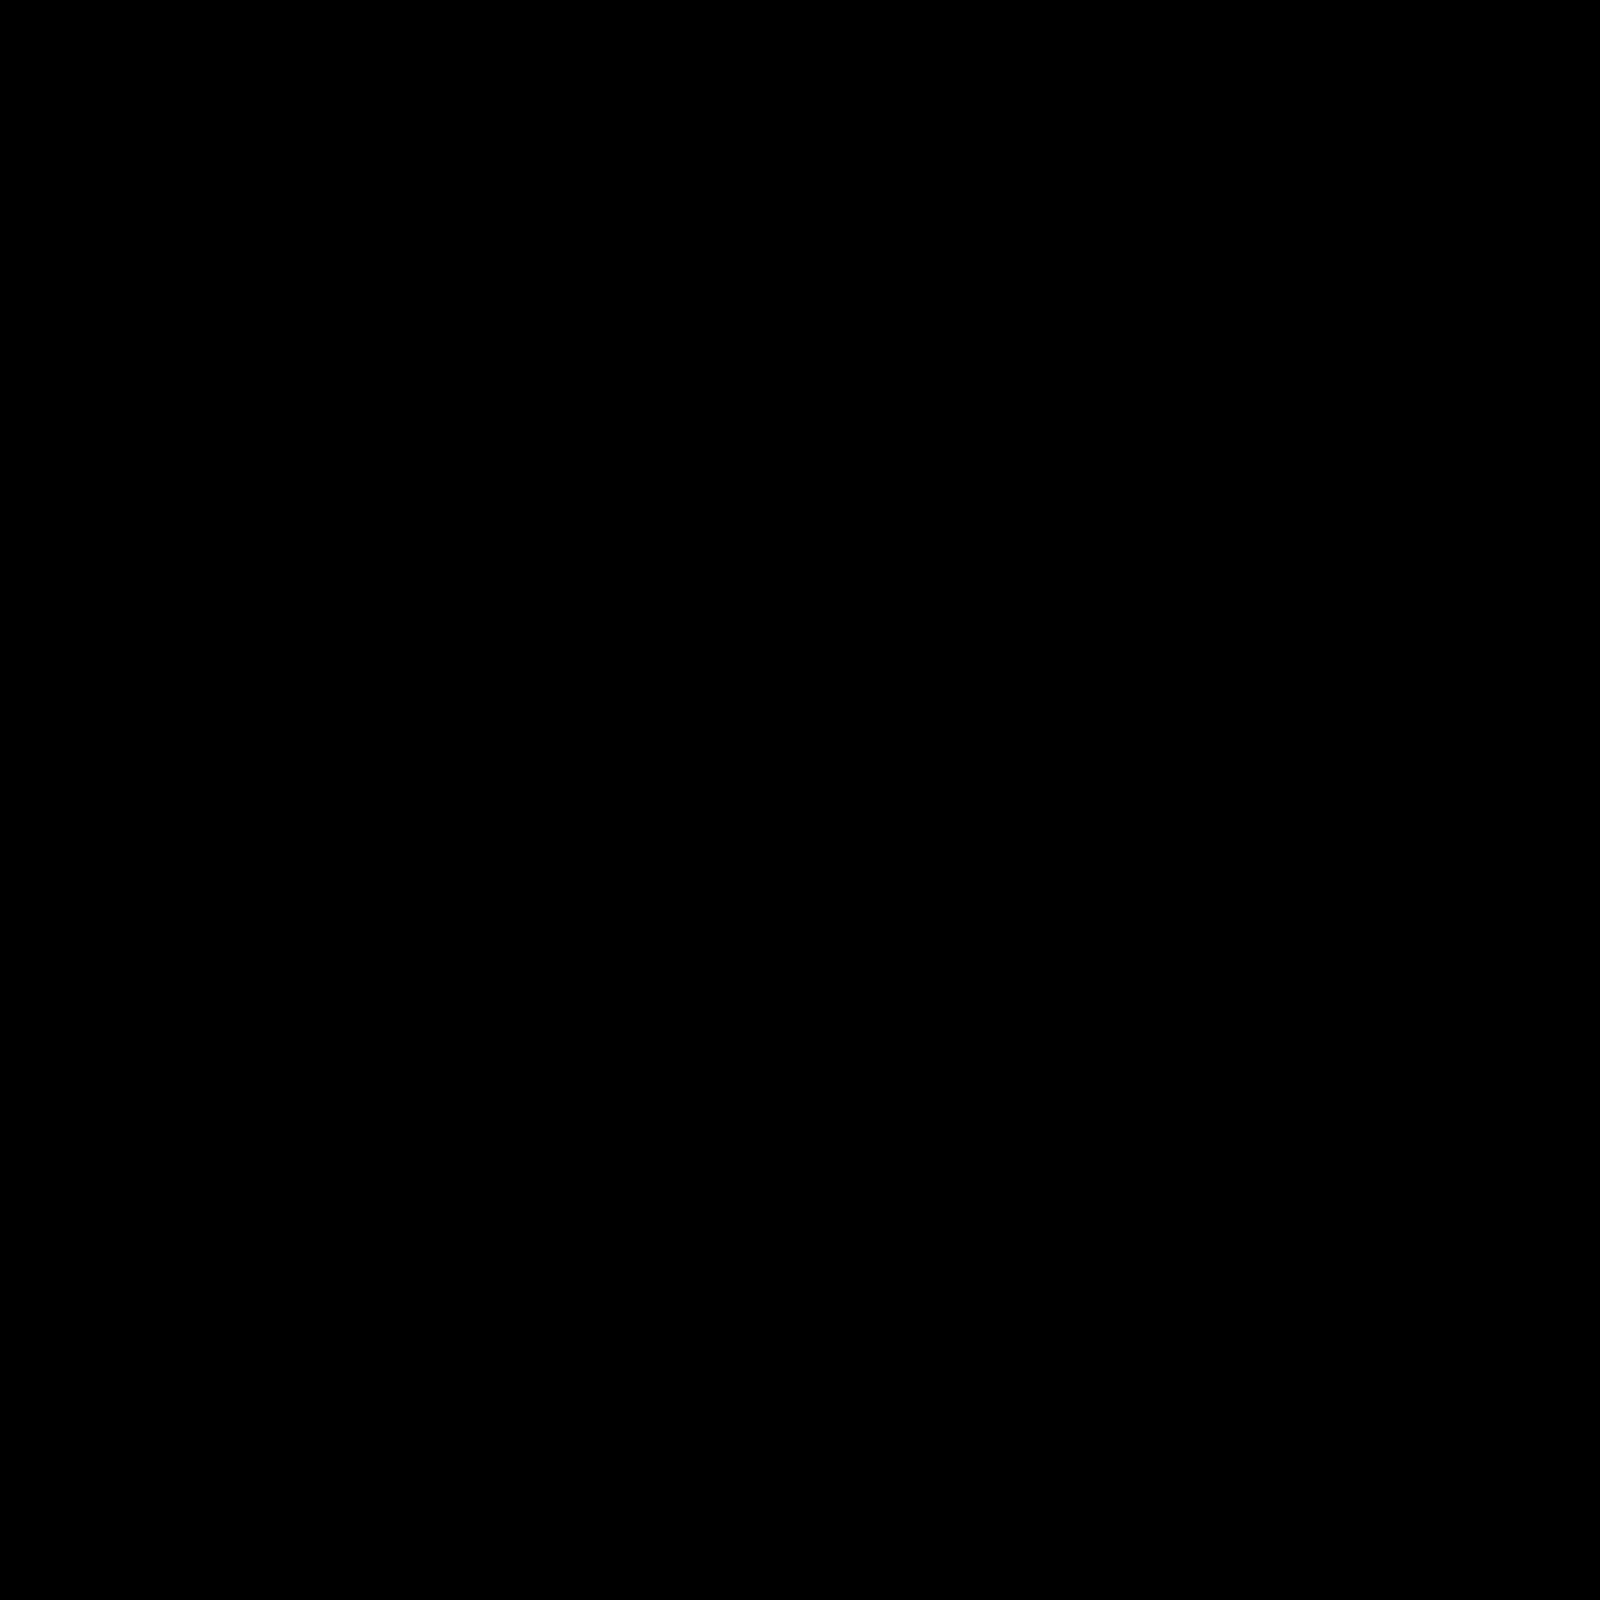 女の子 icon. The.logo of the girl consists of a stick figure with two triangles coming out of the head to represent pigtails. The figure is also wearing a dress with long sleeves.